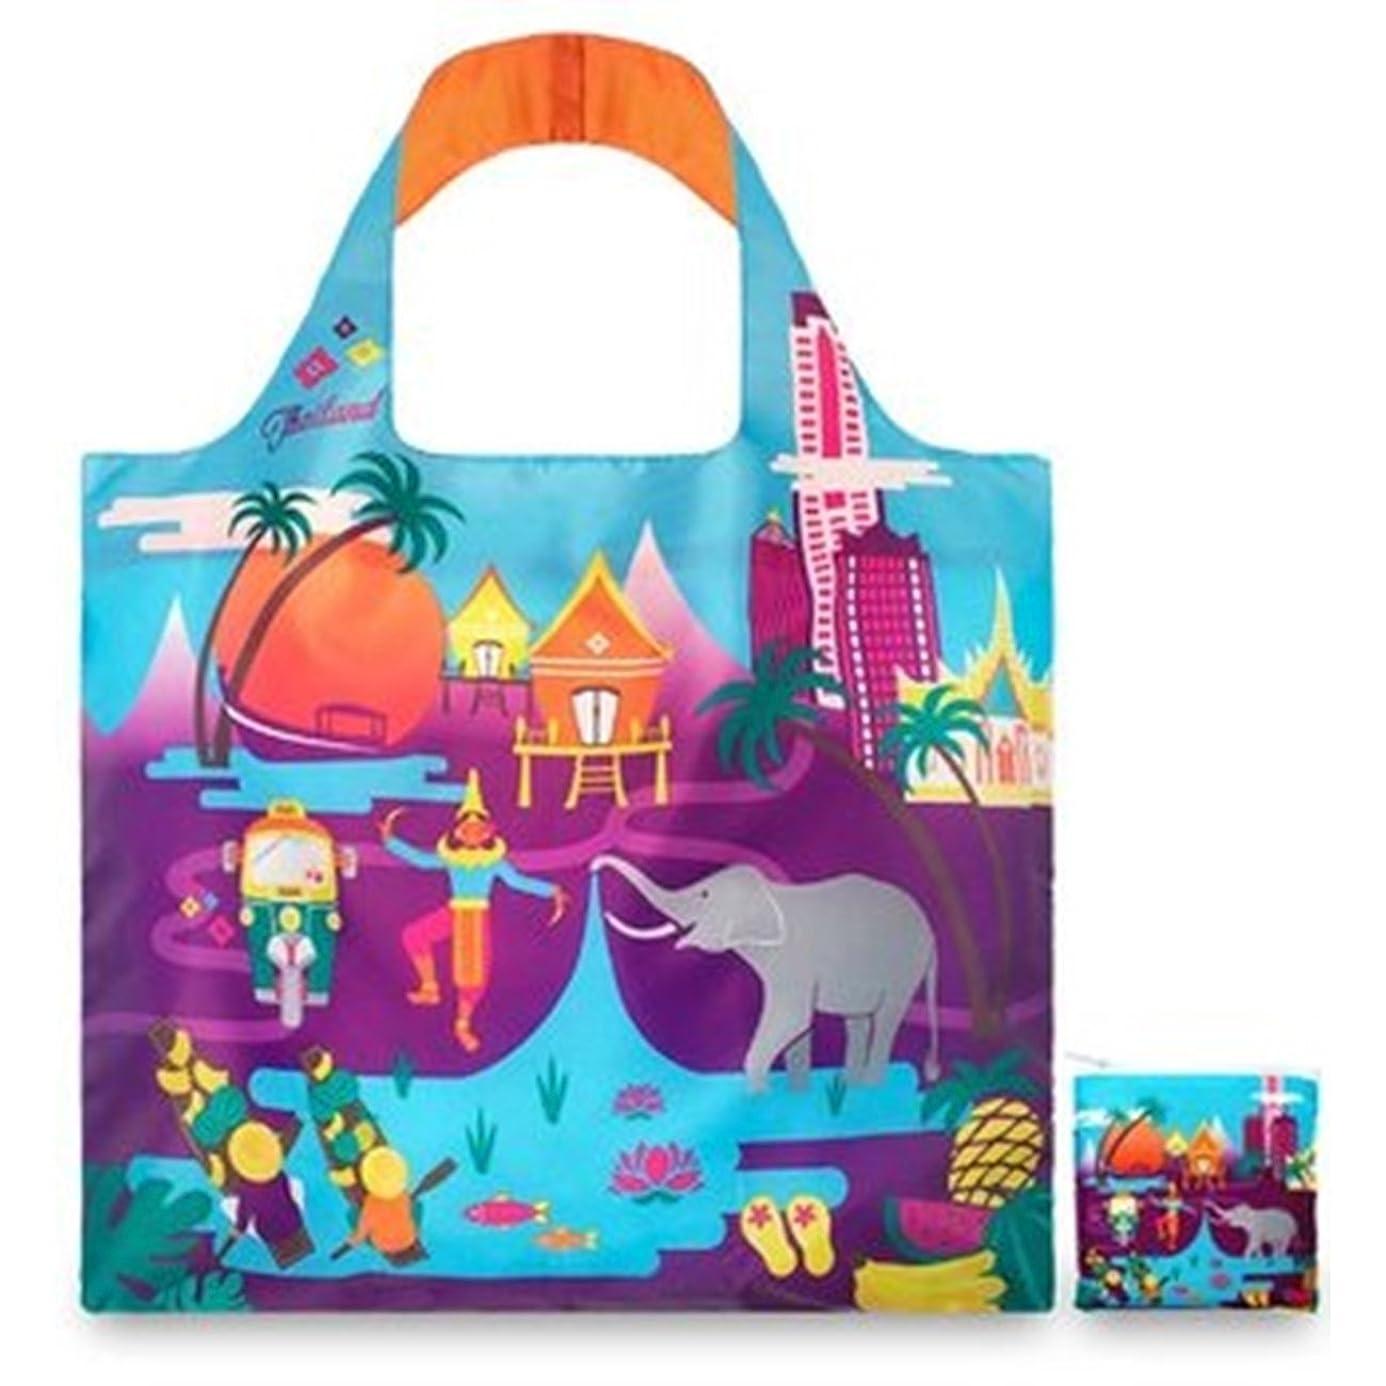 パパ自己尊重コメントLOQI Urban Thailand Reusable Shopping Bag, Multicolored by LOQI